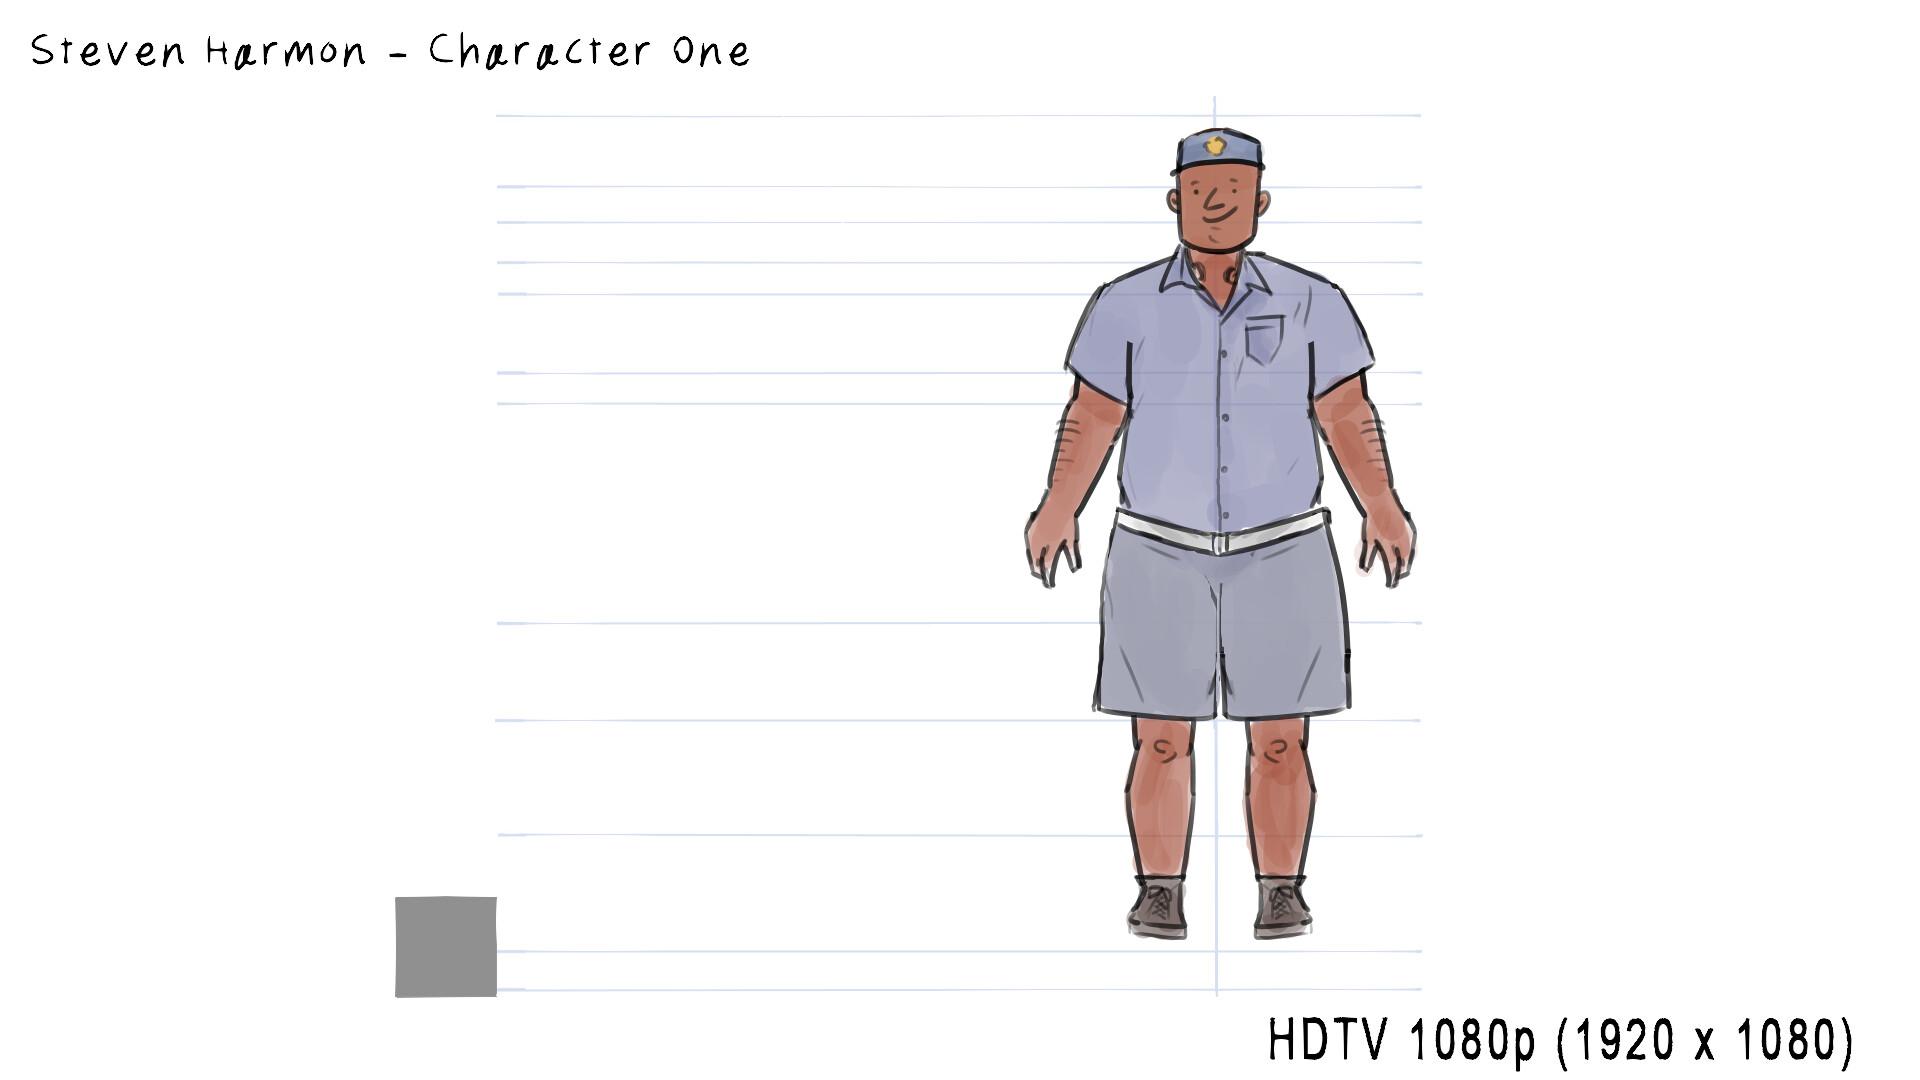 Steven harmon mailman 15